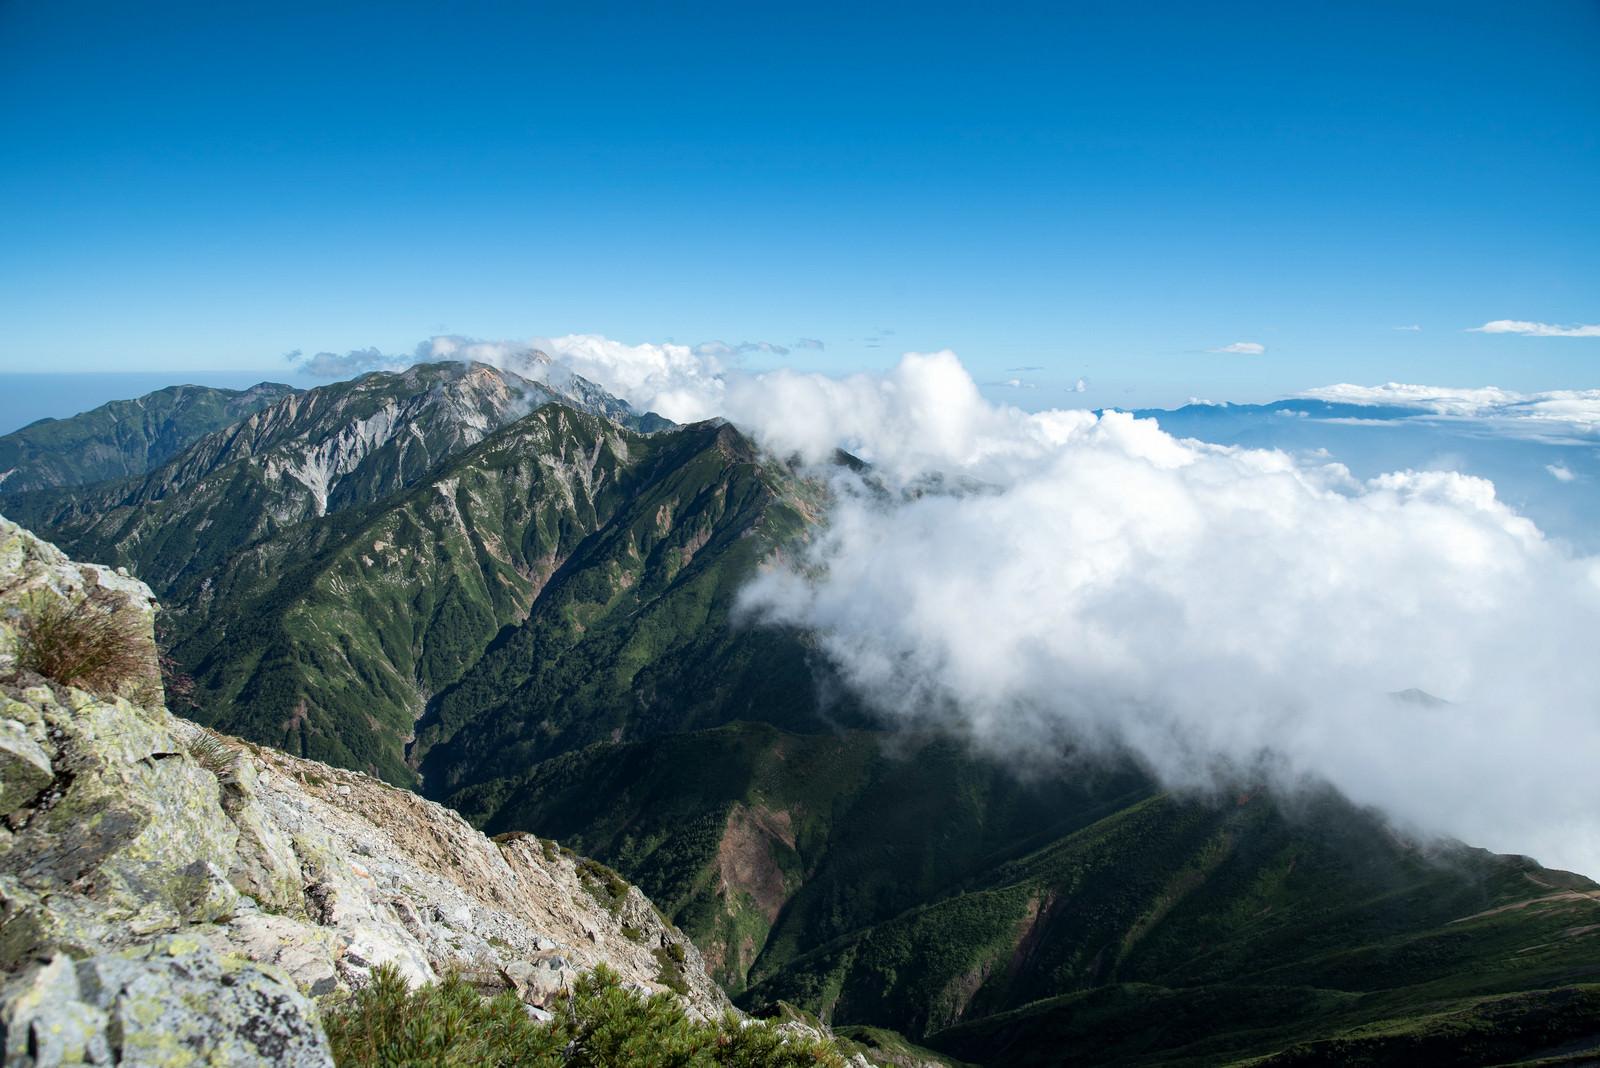 「稜線に覆いかかる雲」の写真